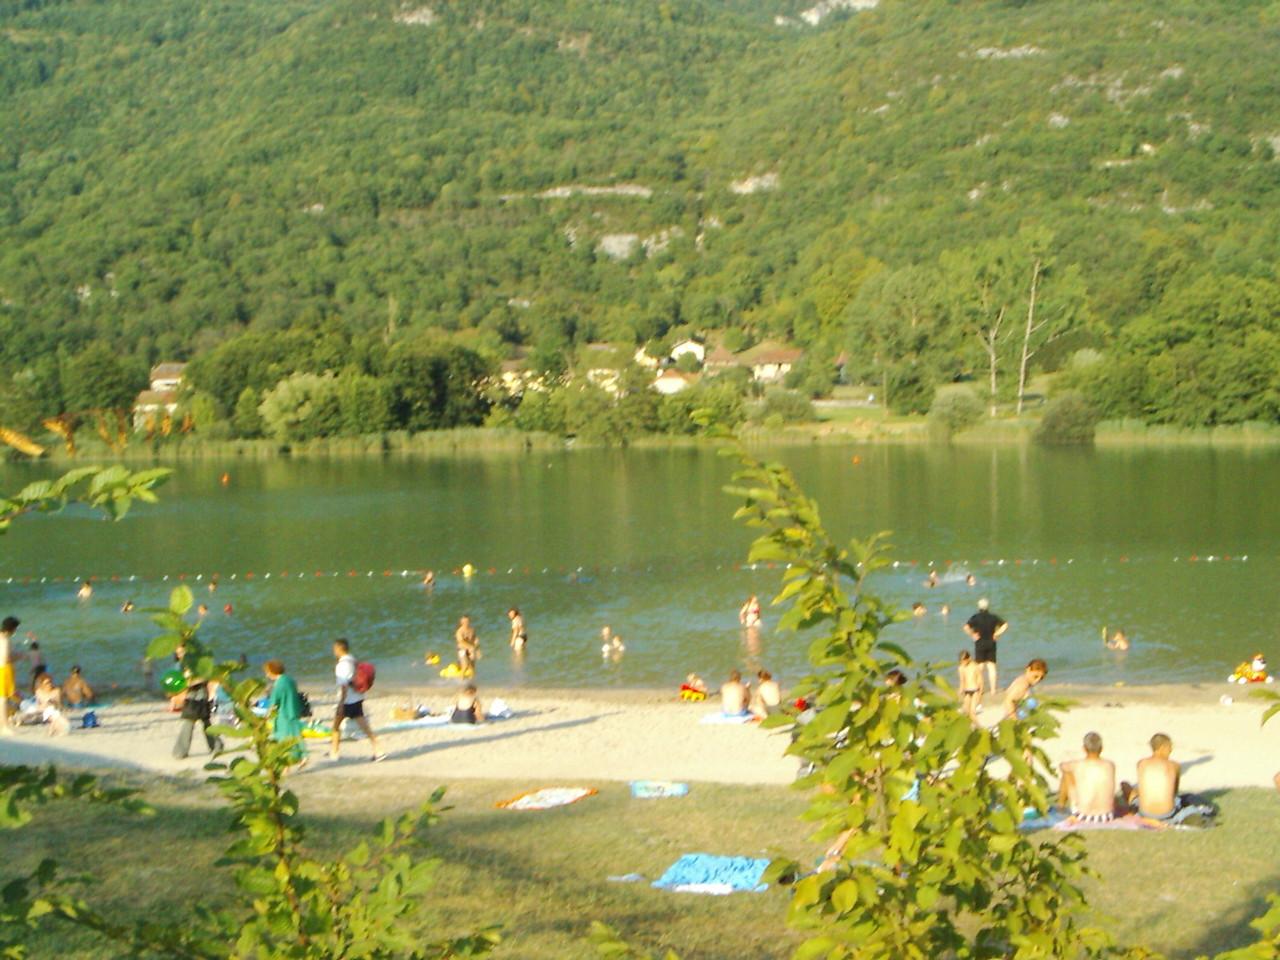 Der See. Für die Gäste des Campingplatzes ist der Eintritt frei, alle anderen müssen zahlen. Die Franzosen verbringen hier auch ihre Mittagspause. Die wissen wie man das Leben genießt.